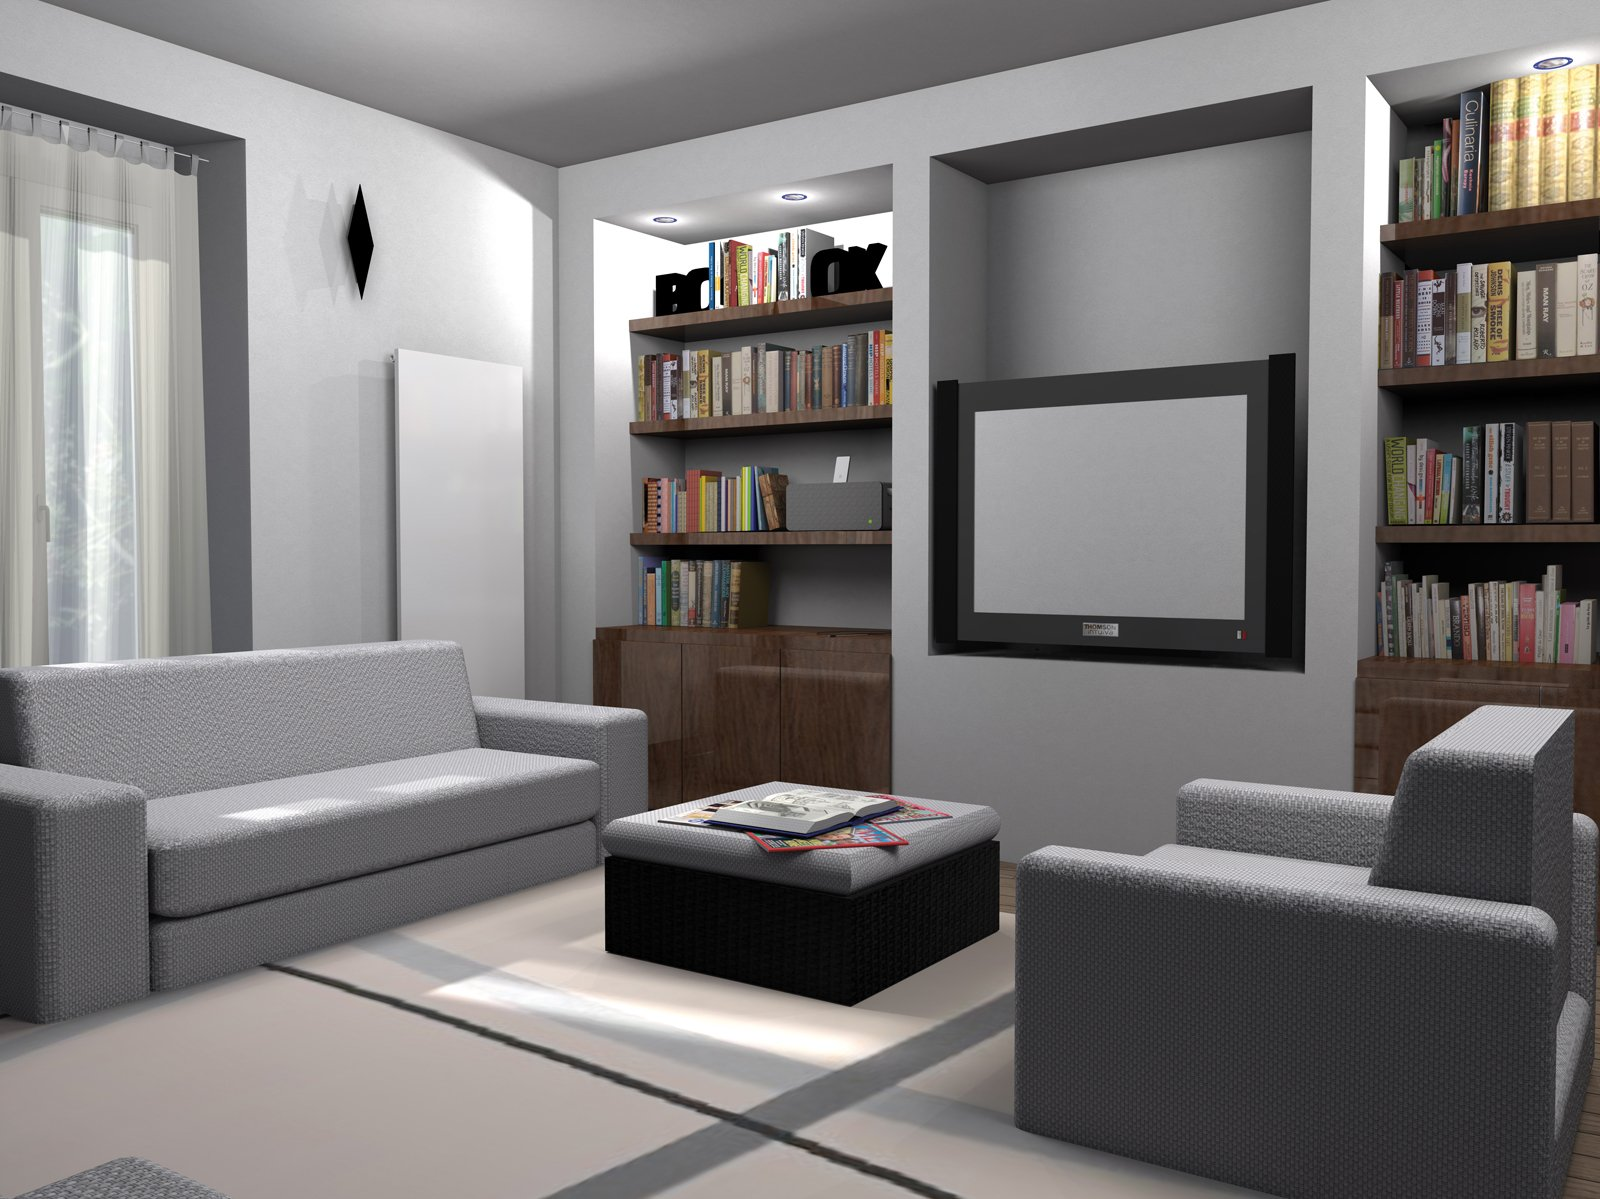 La parete libreria in cartongesso cose di casa for Parete soggiorno cartongesso